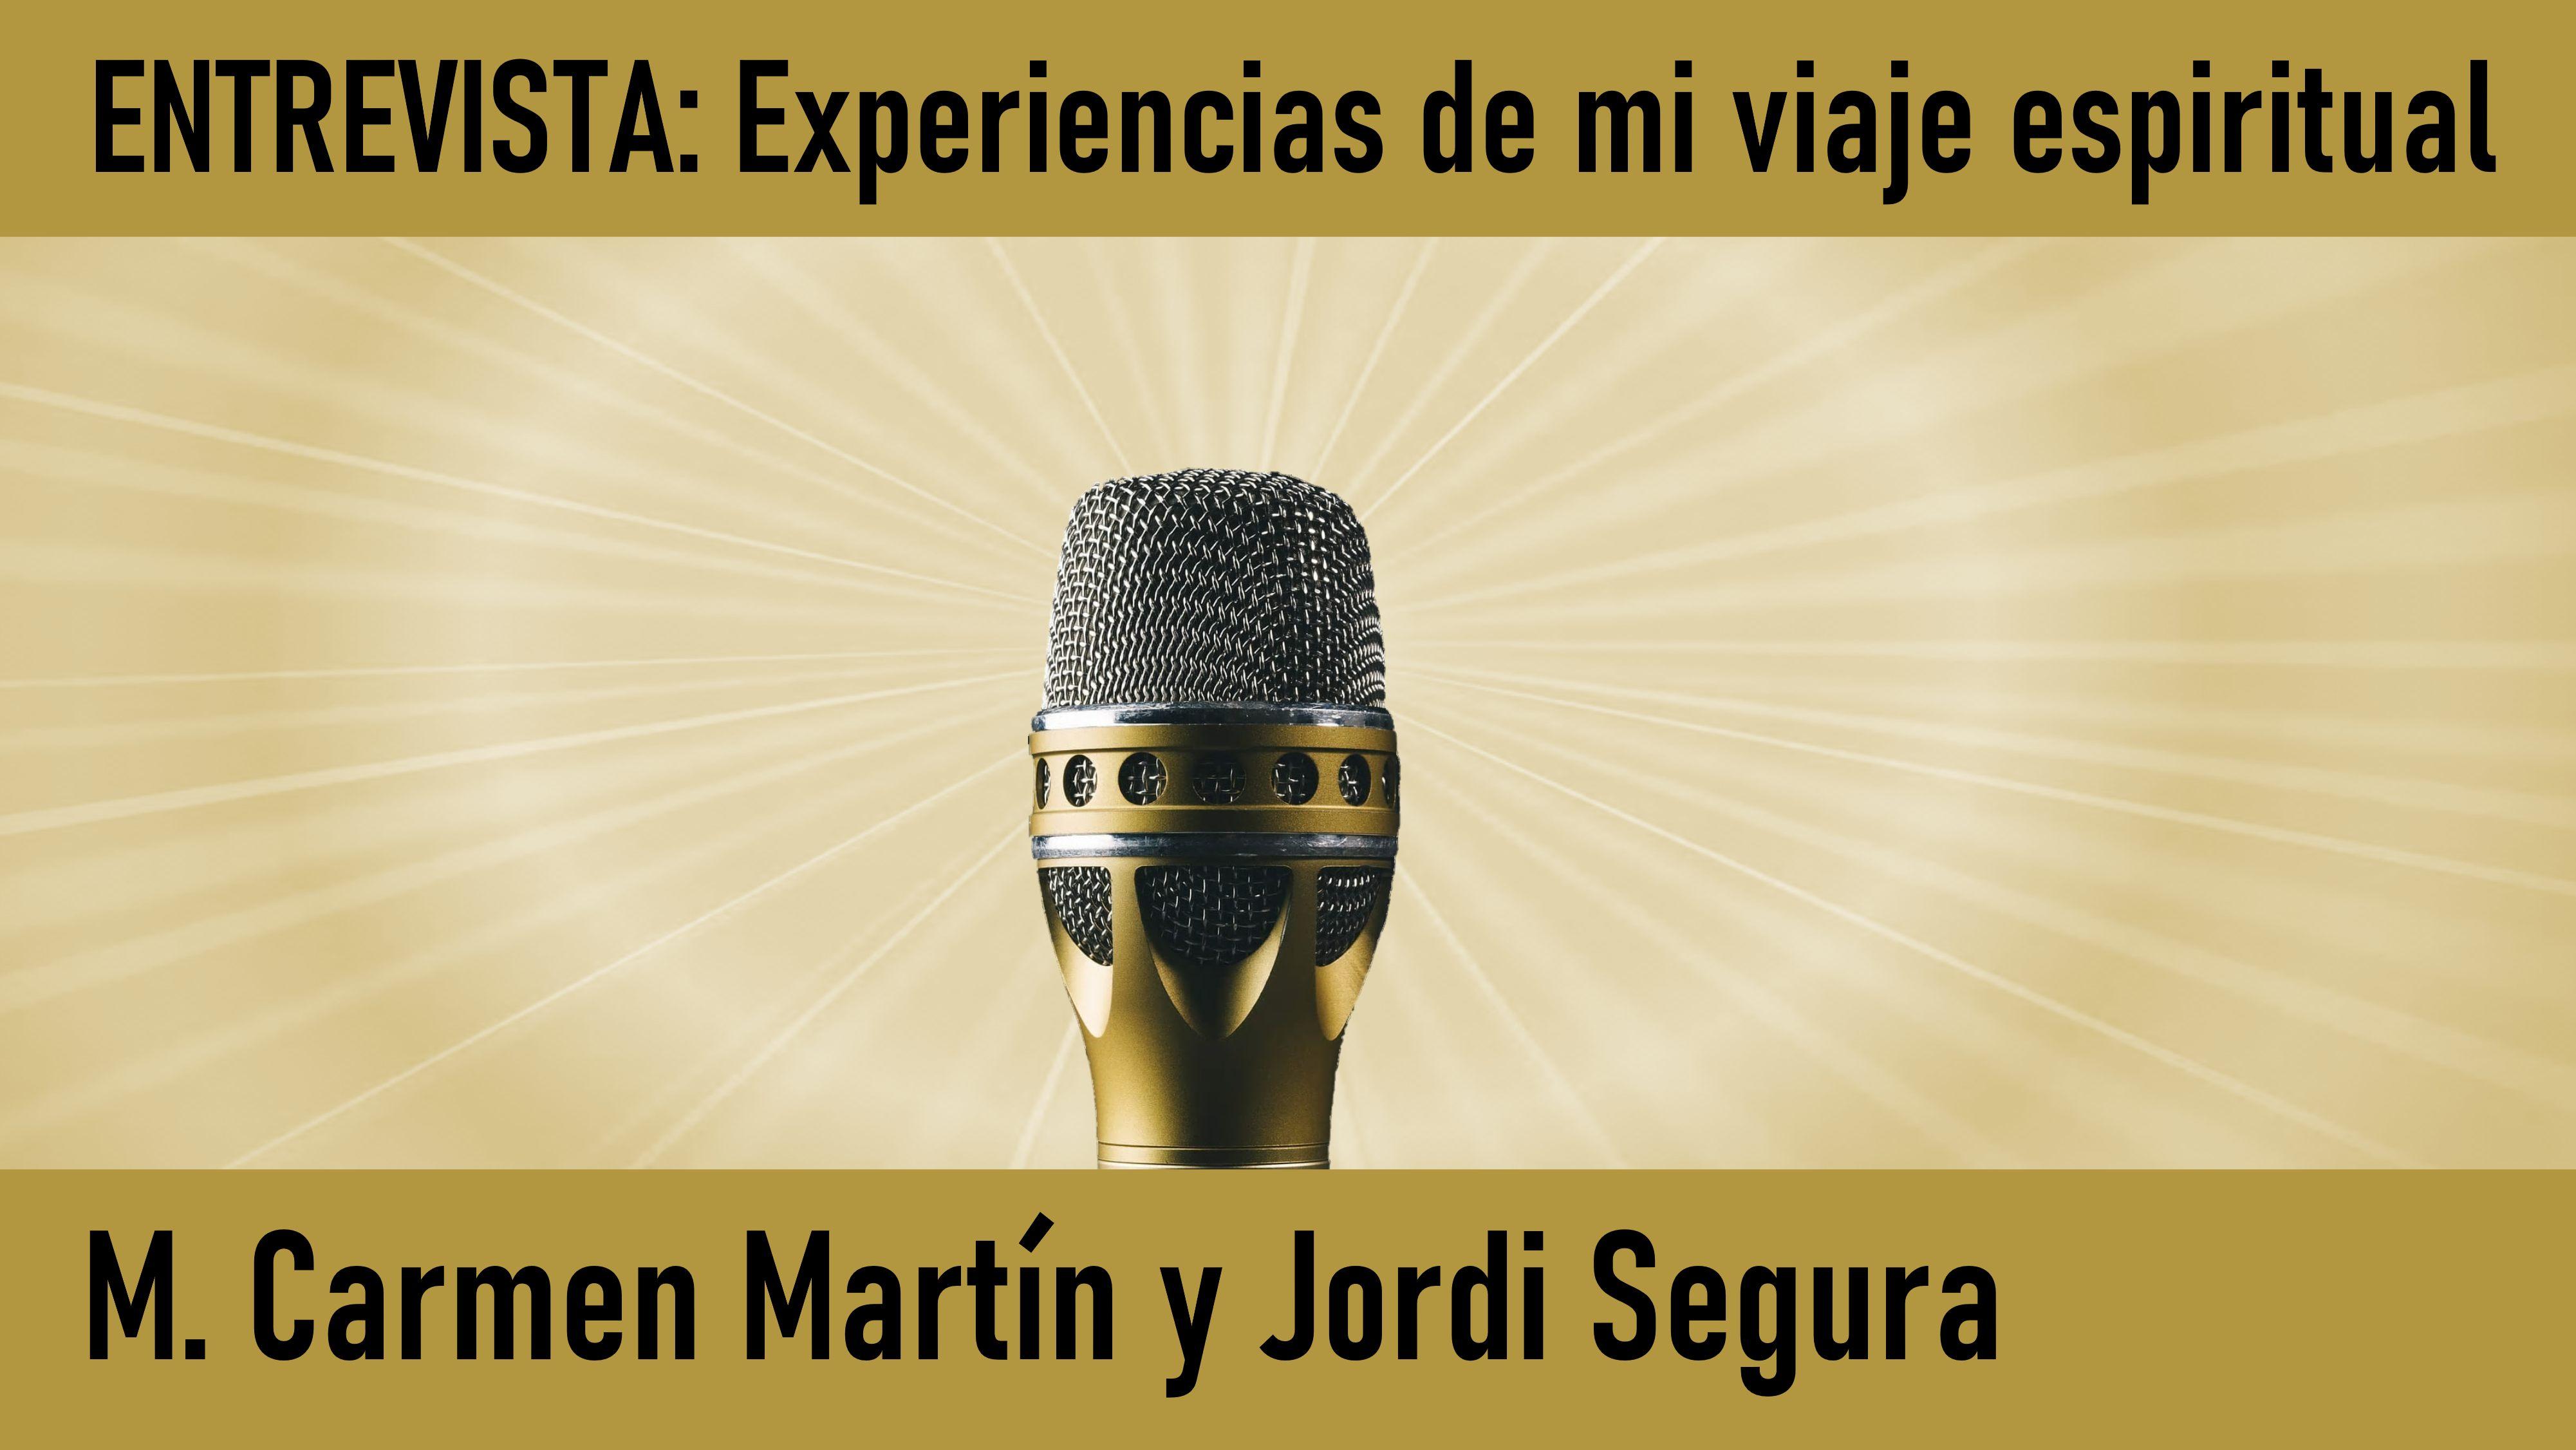 19 Junio 2020 Entrevista: Experiencias de mi viaje espiritual. M.Carmen Martín y Jordi Segura